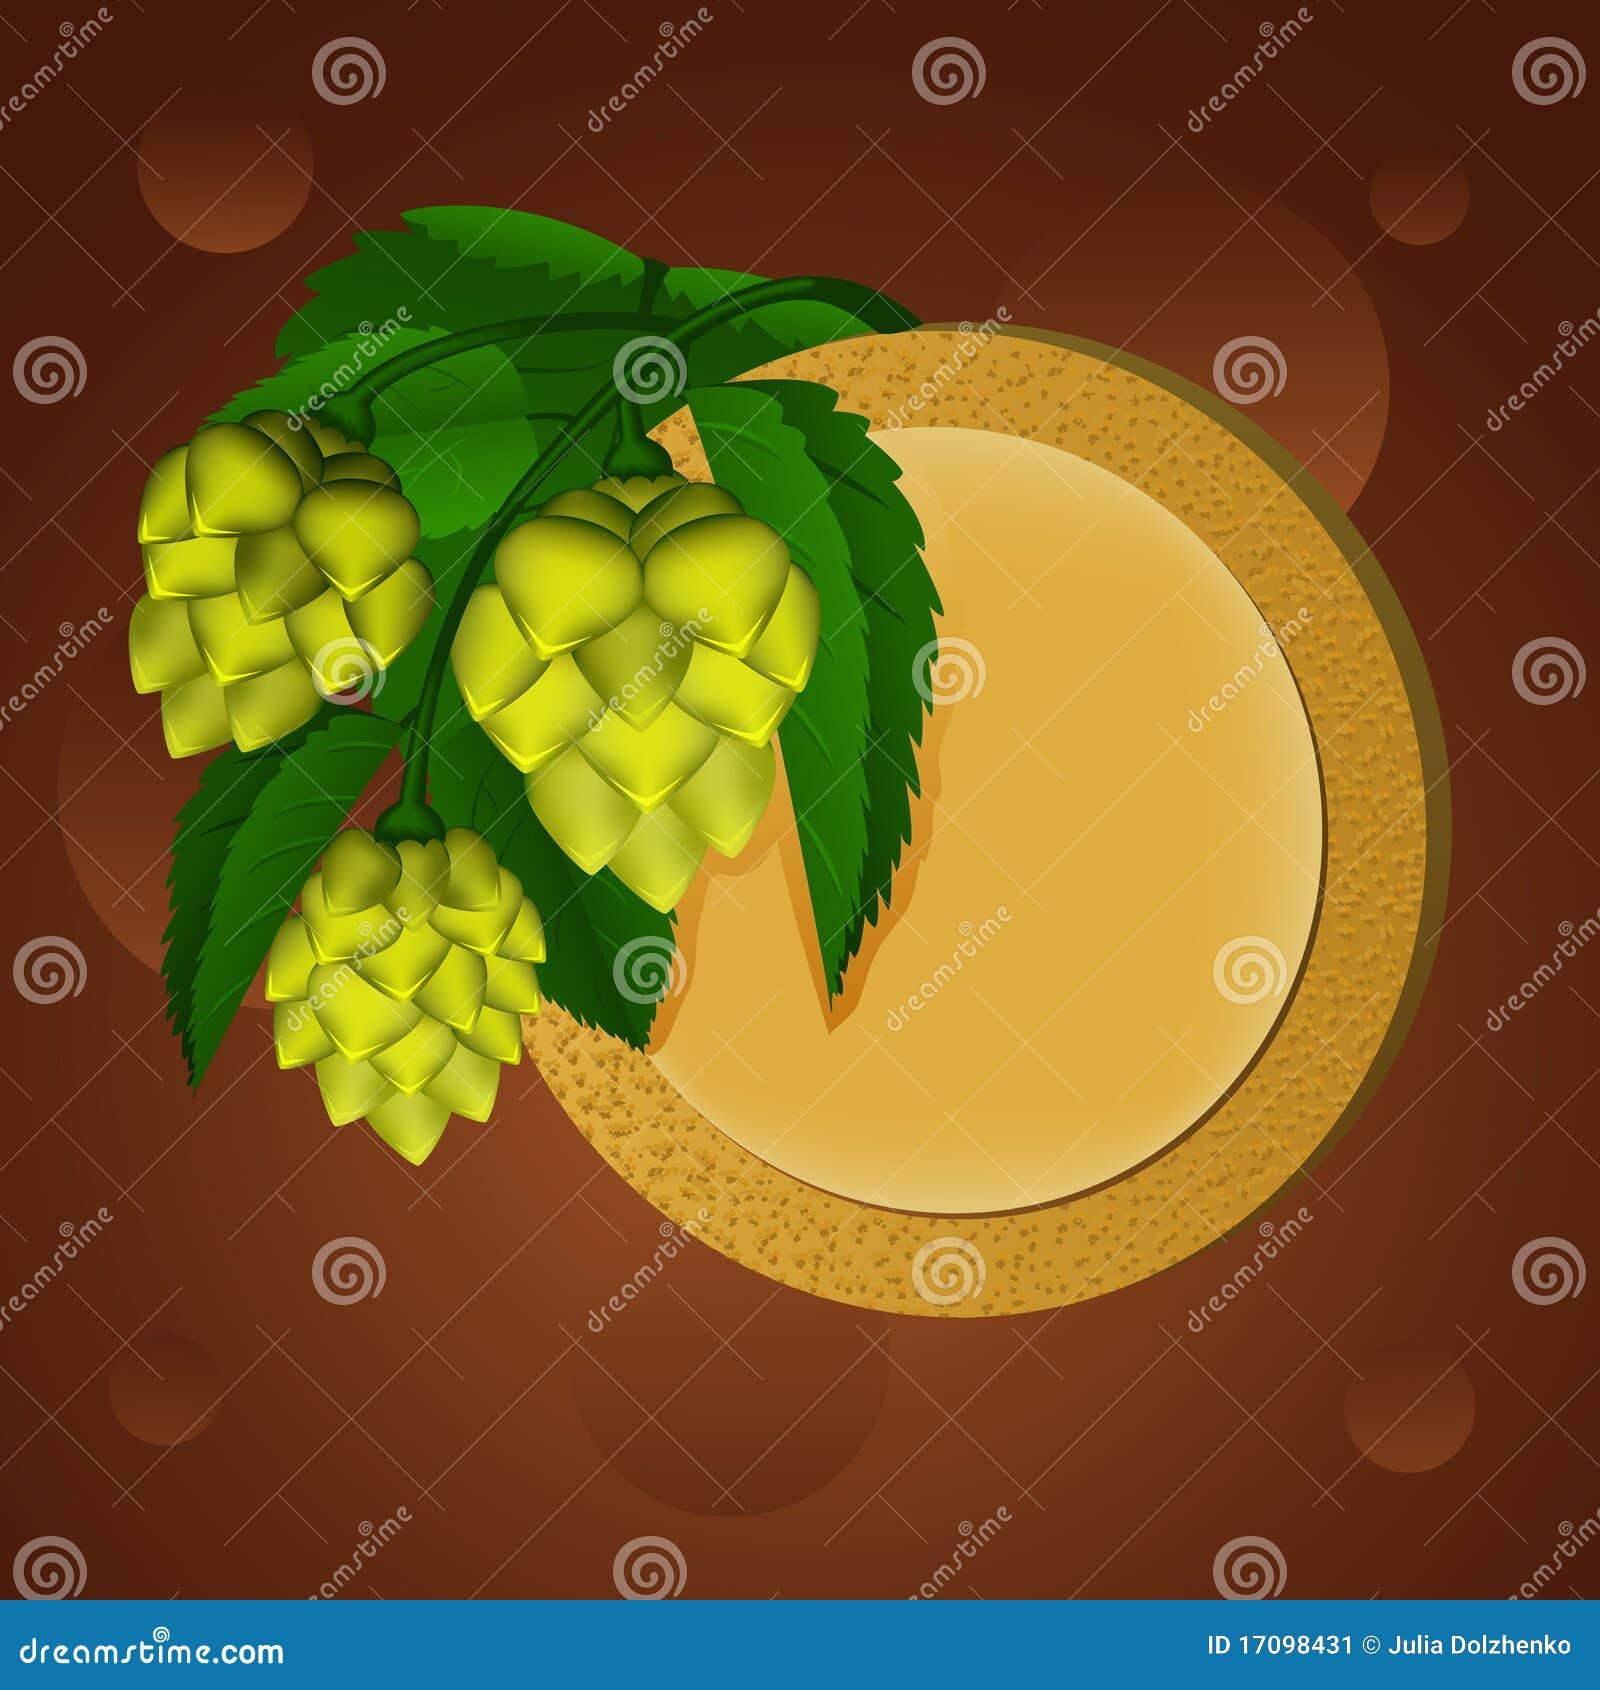 хмель зеленого цвета каботажного судна пива